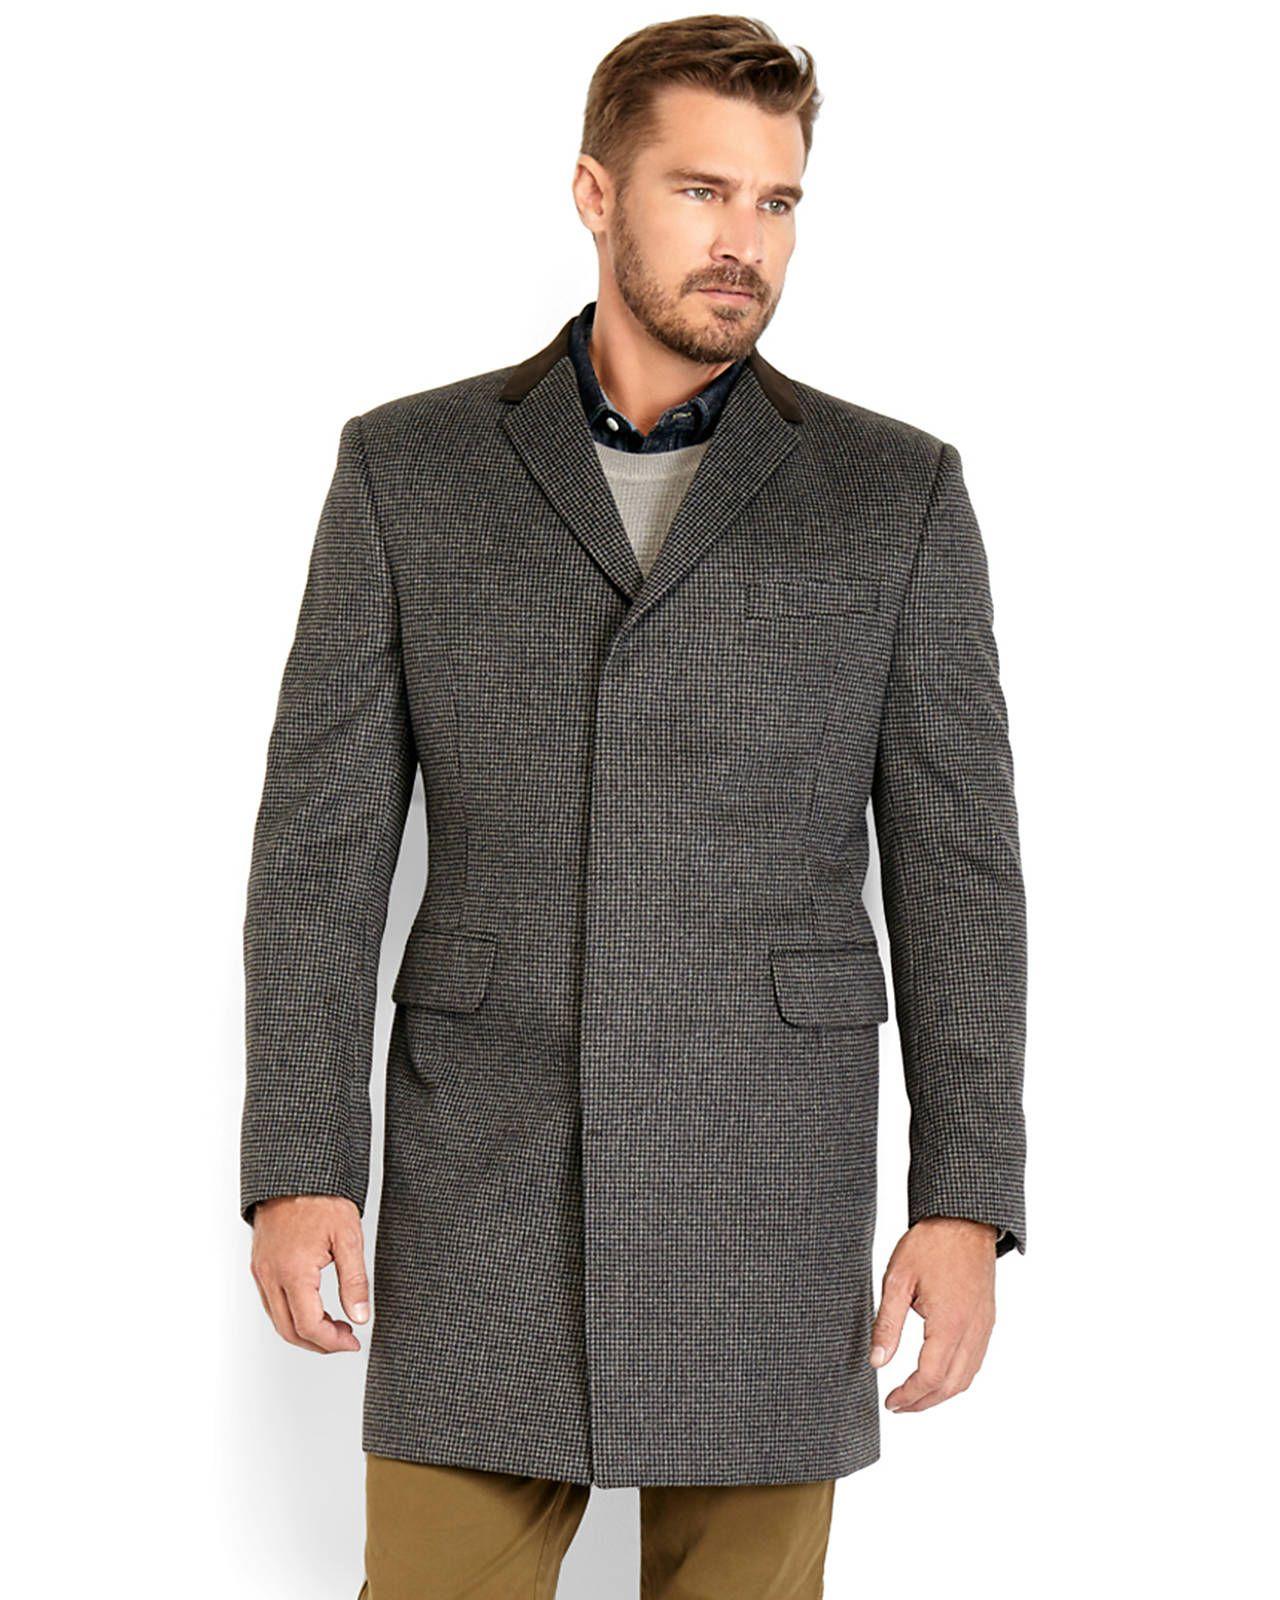 TOMMY HILFIGER Grey & Black Houndstooth Overcoat